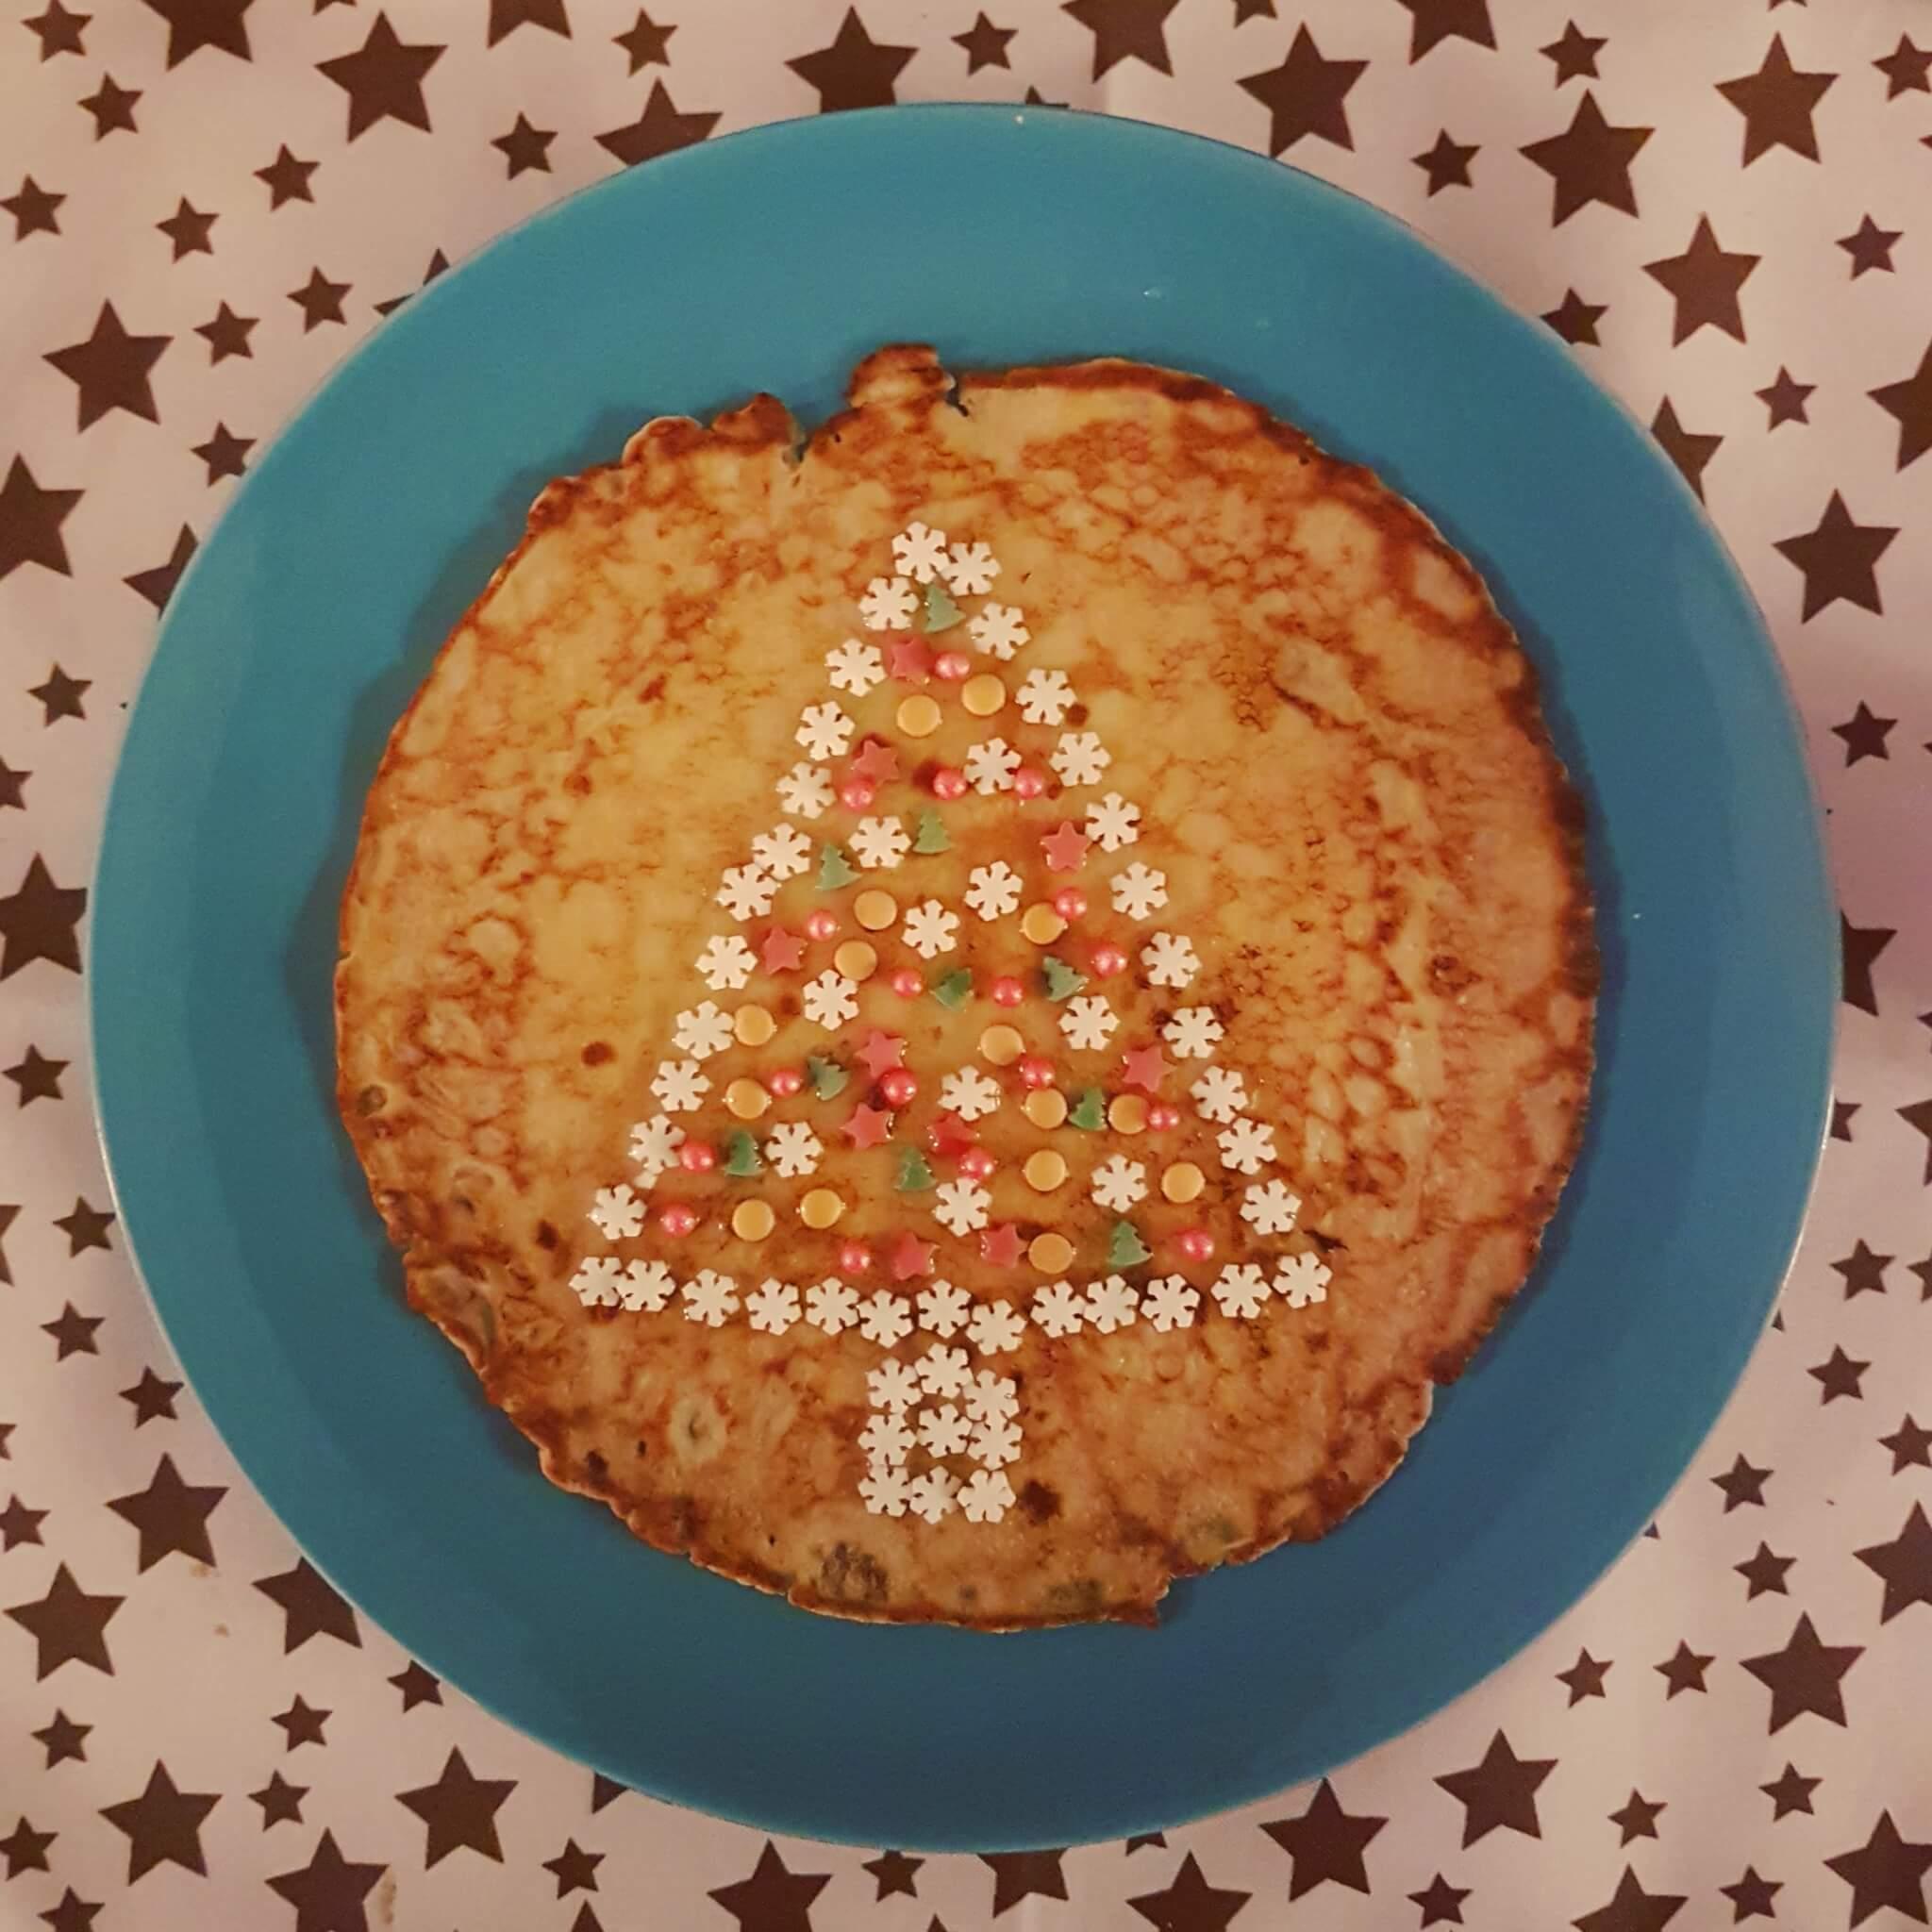 De leukste kindvriendelijke recepten voor kerstdiner en kerstontbijt - op school en thuis - pannenkoek kerstboom versieren